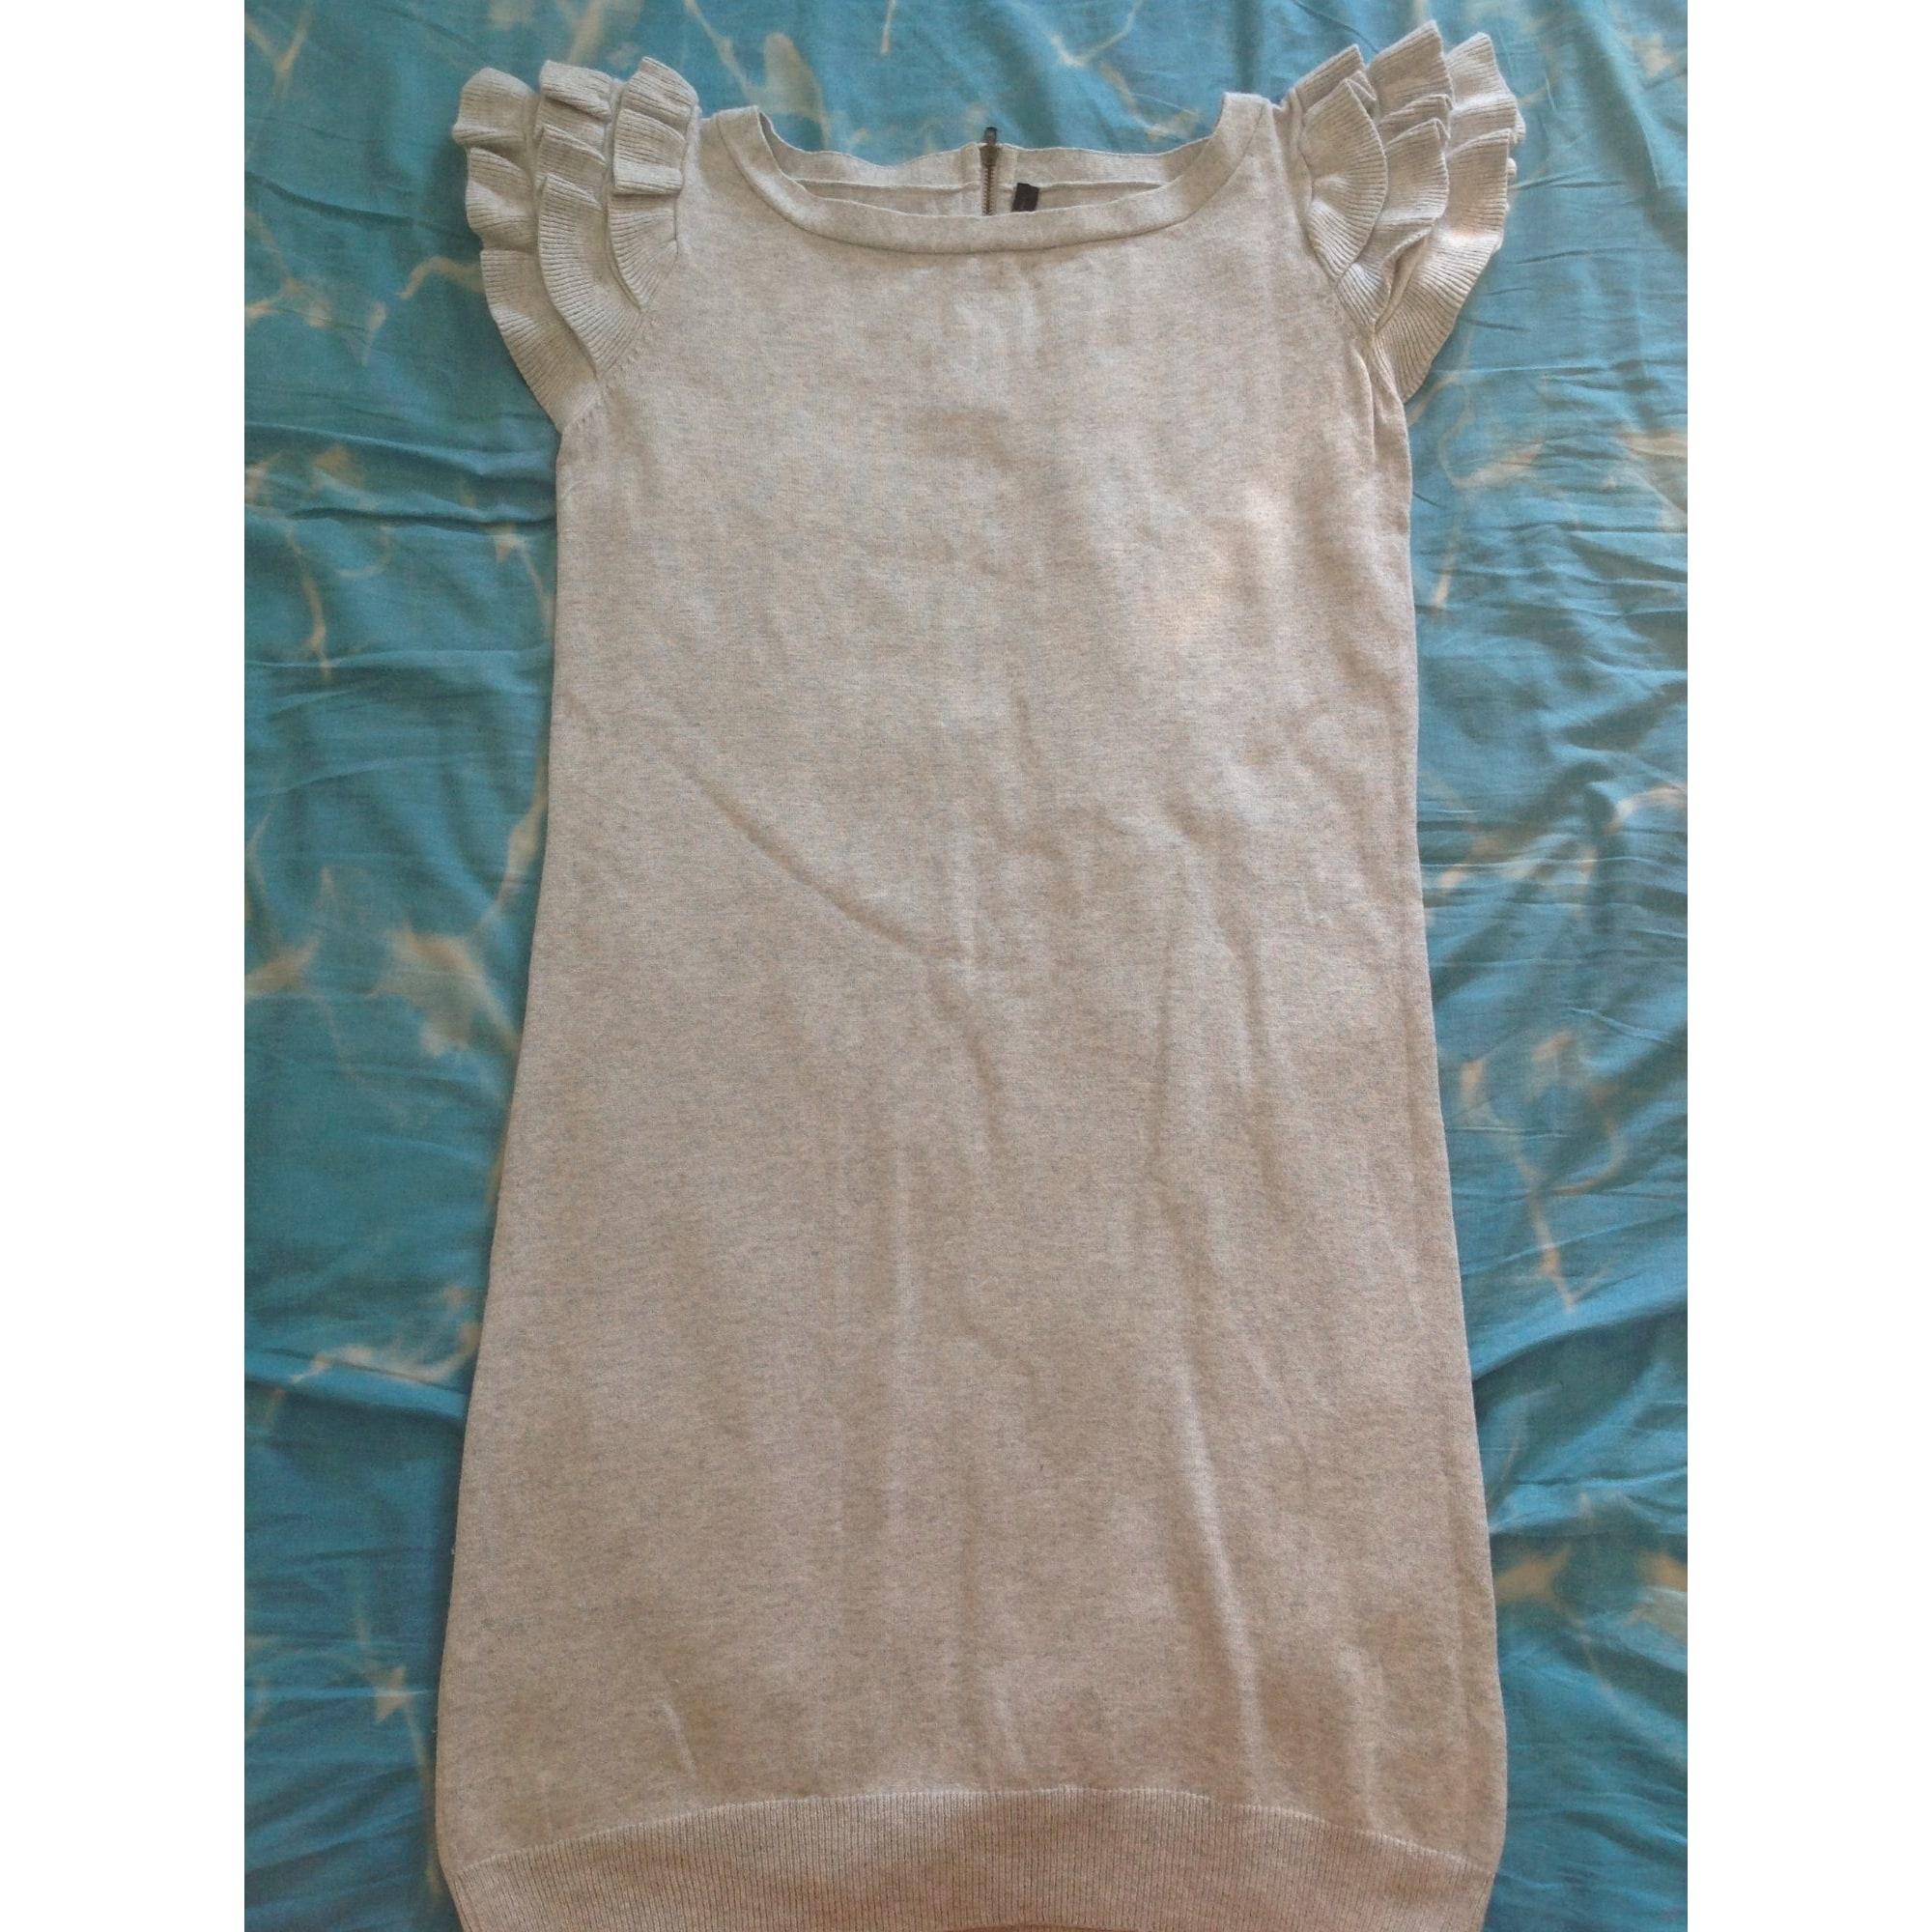 Robe mi-longue NAF NAF Gris, anthracite